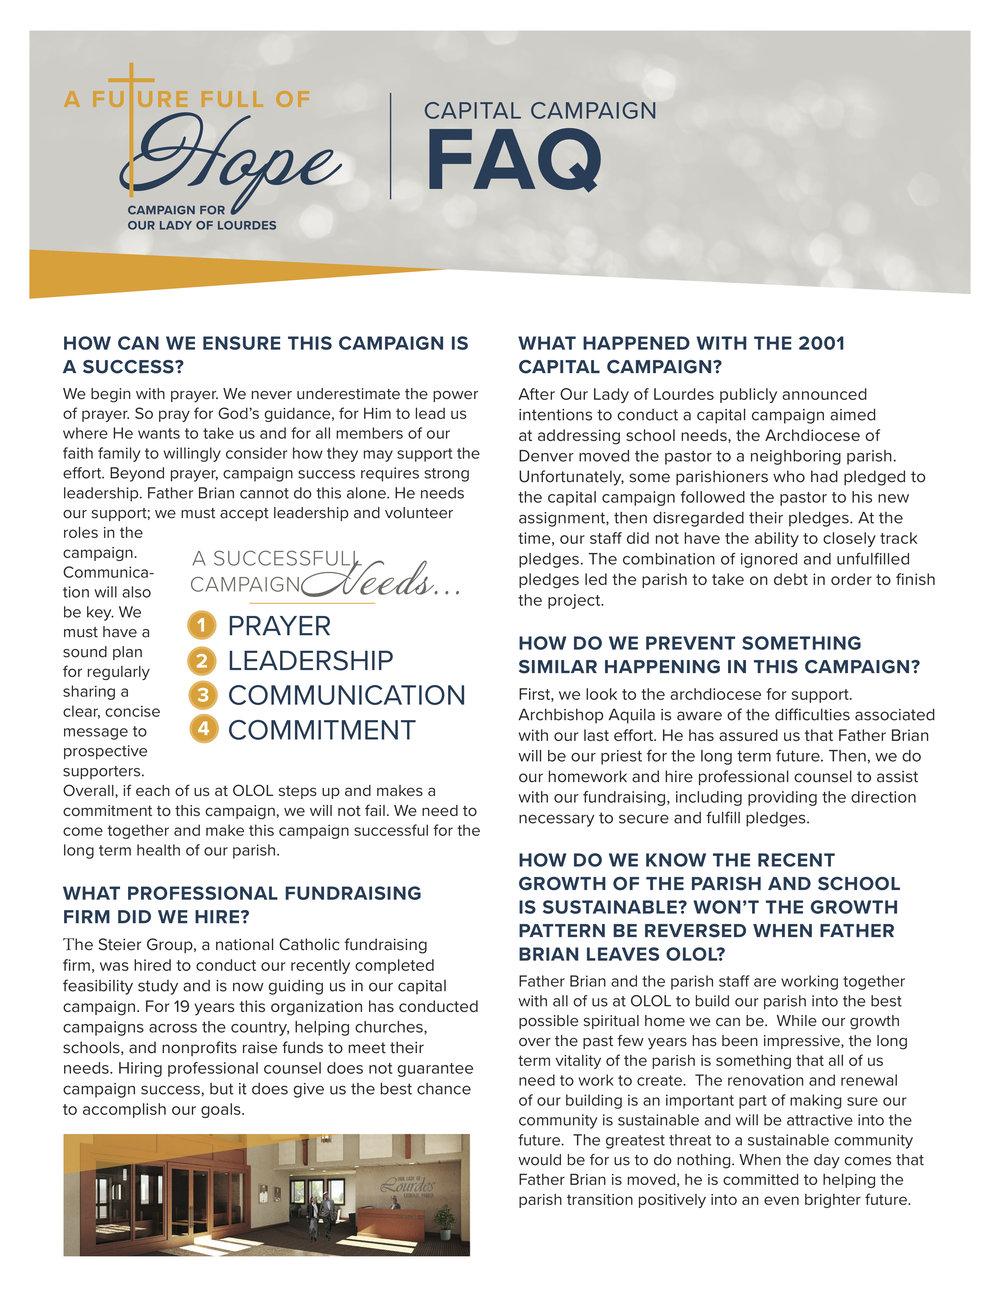 FAQ 4.jpg